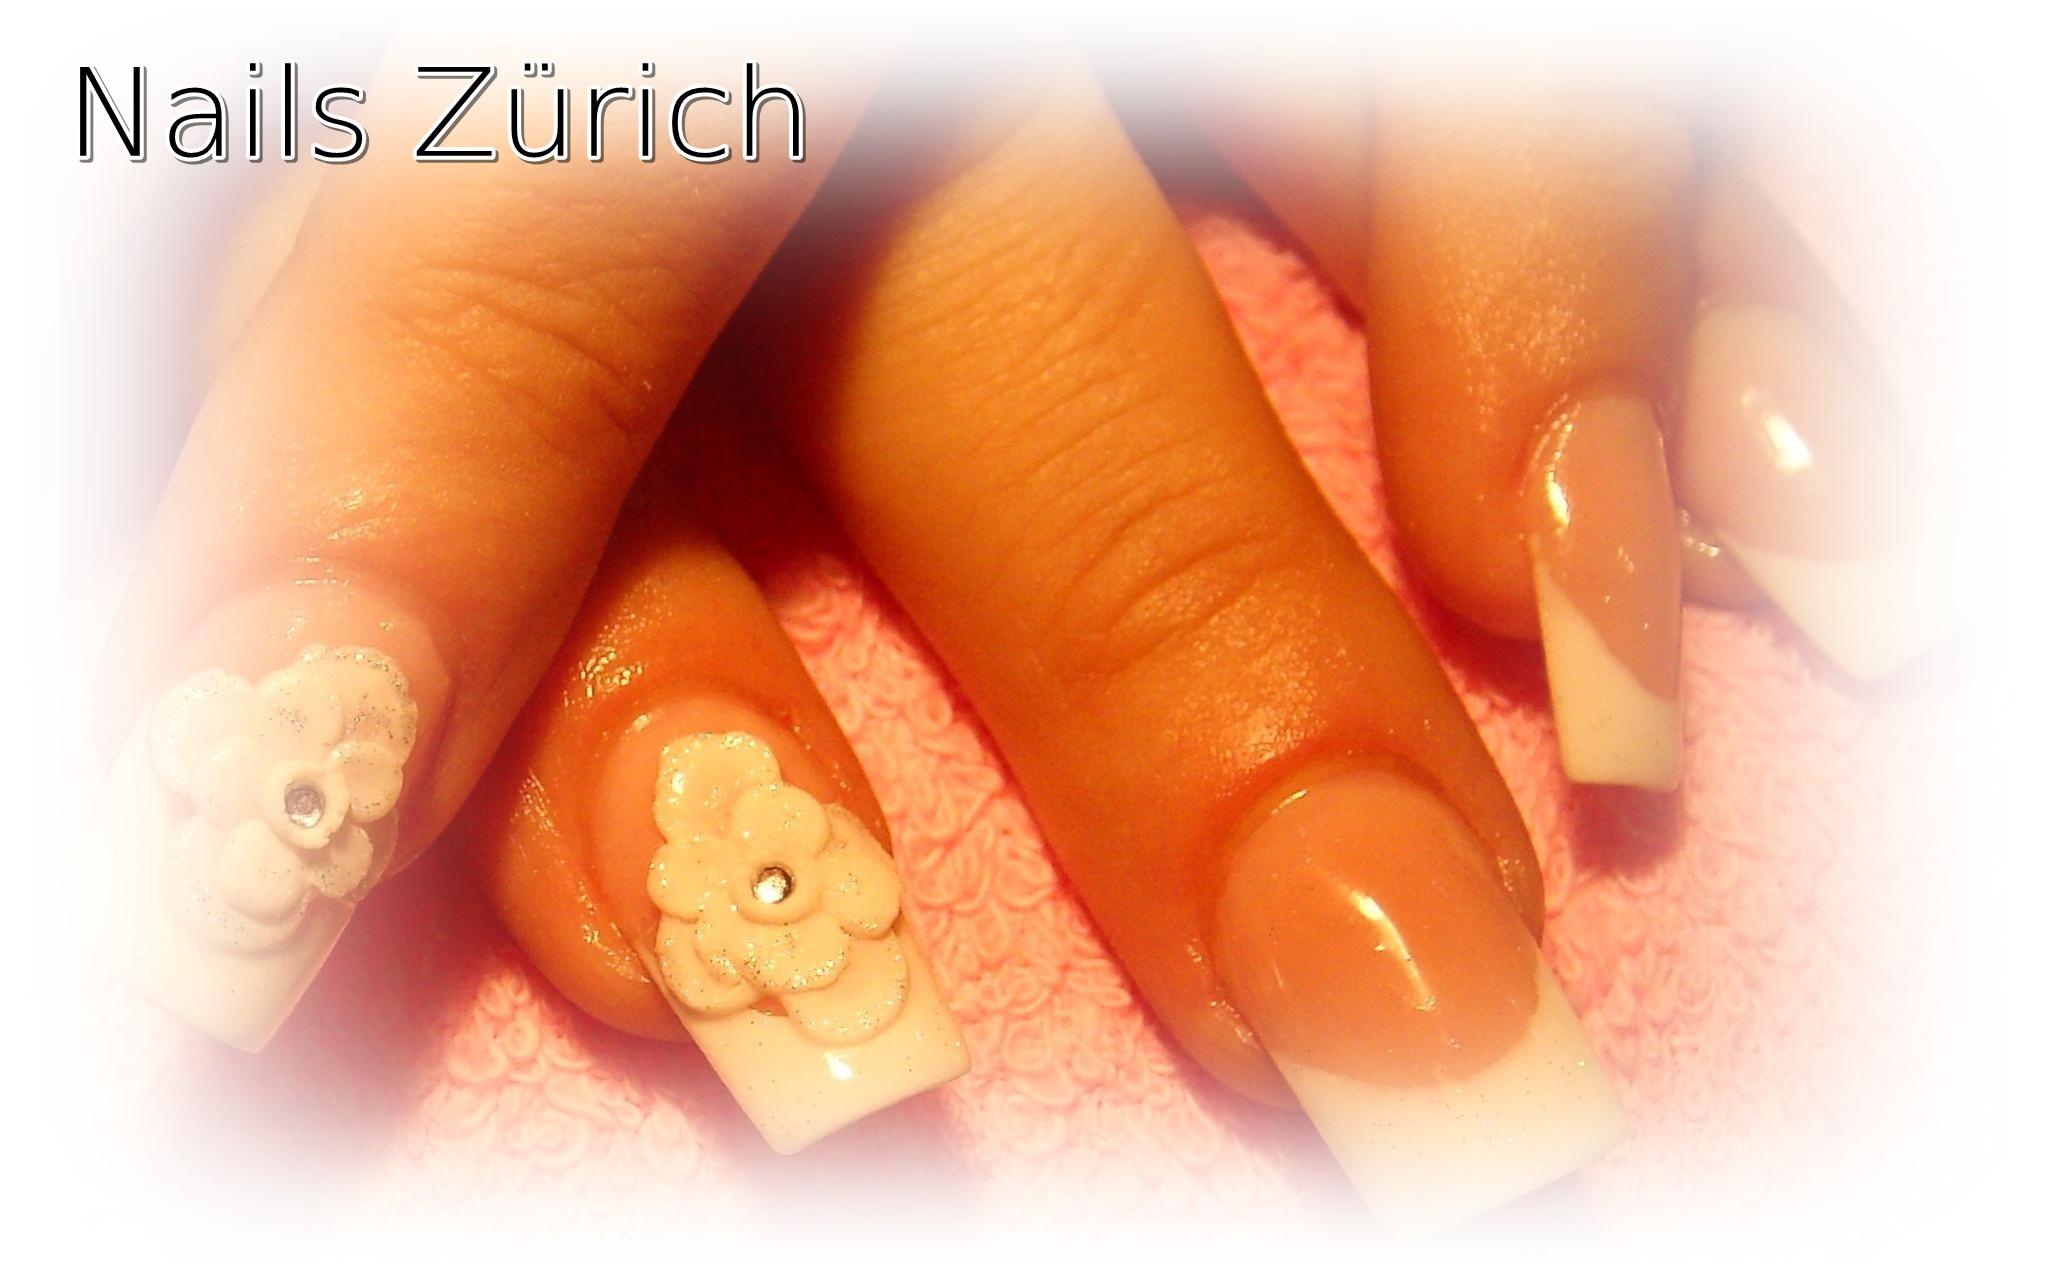 utána nails Zürich